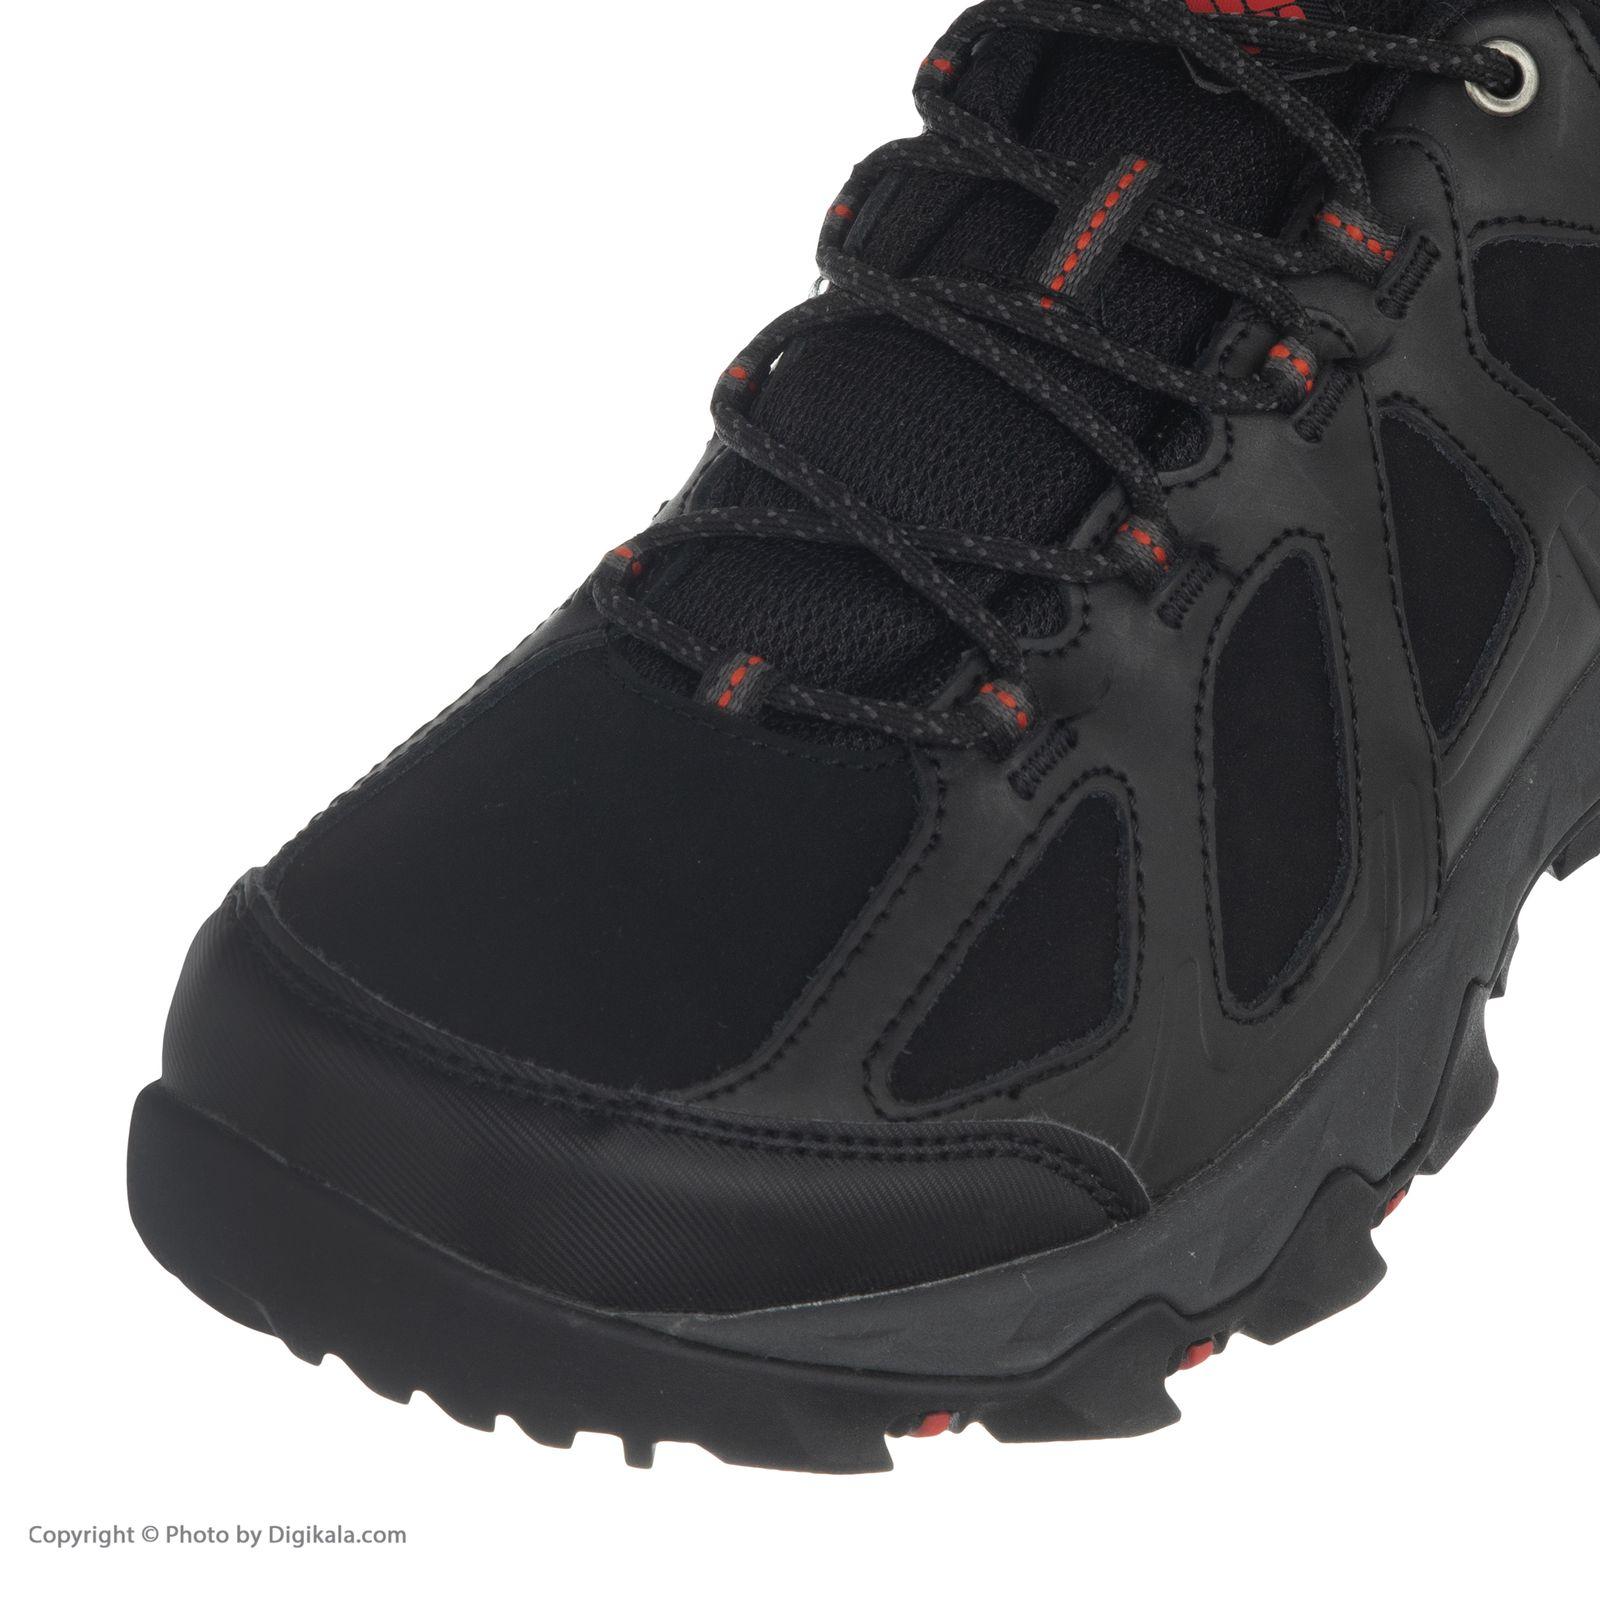 کفش طبیعت گردی مردانه کلمبیا مدل Out Dry -  - 5